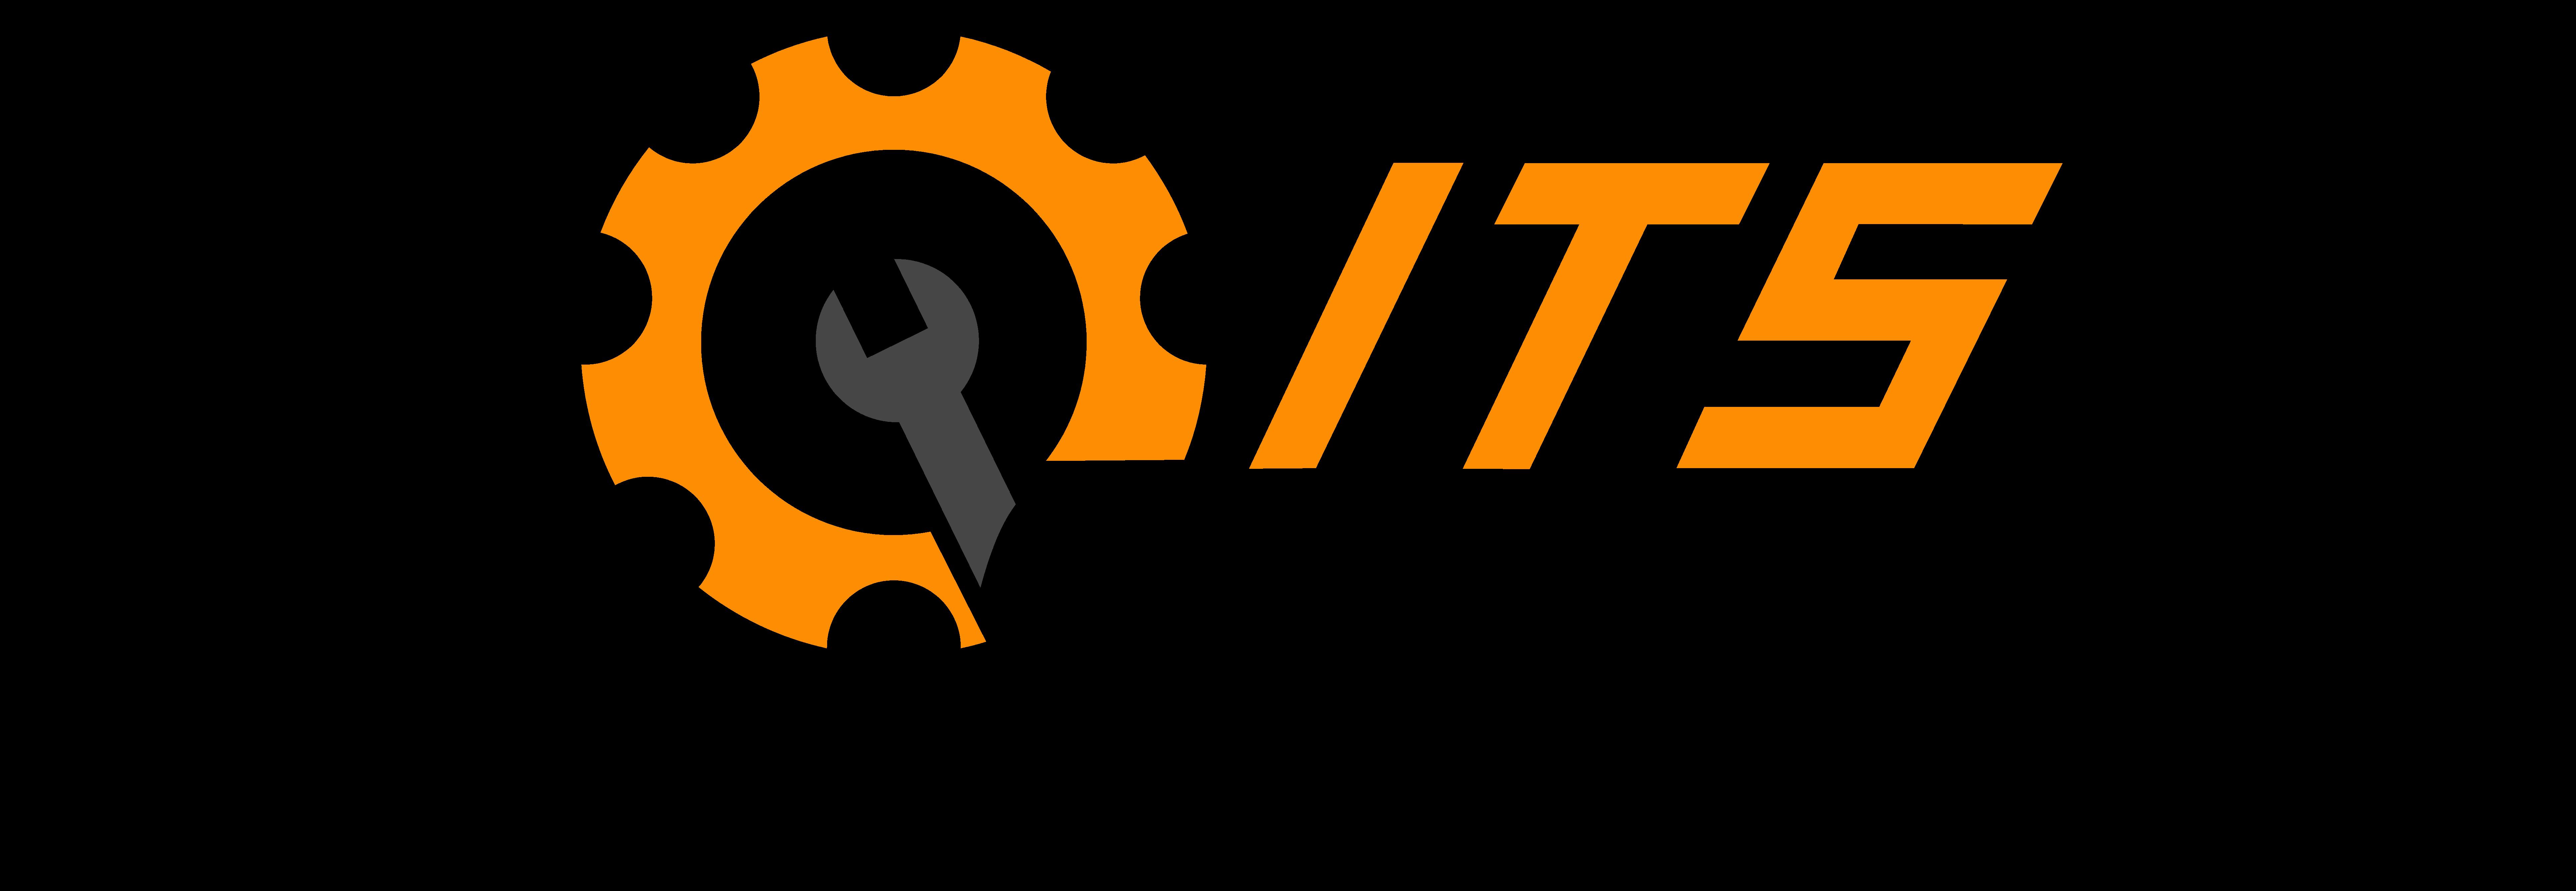 ITS-gear GmbH